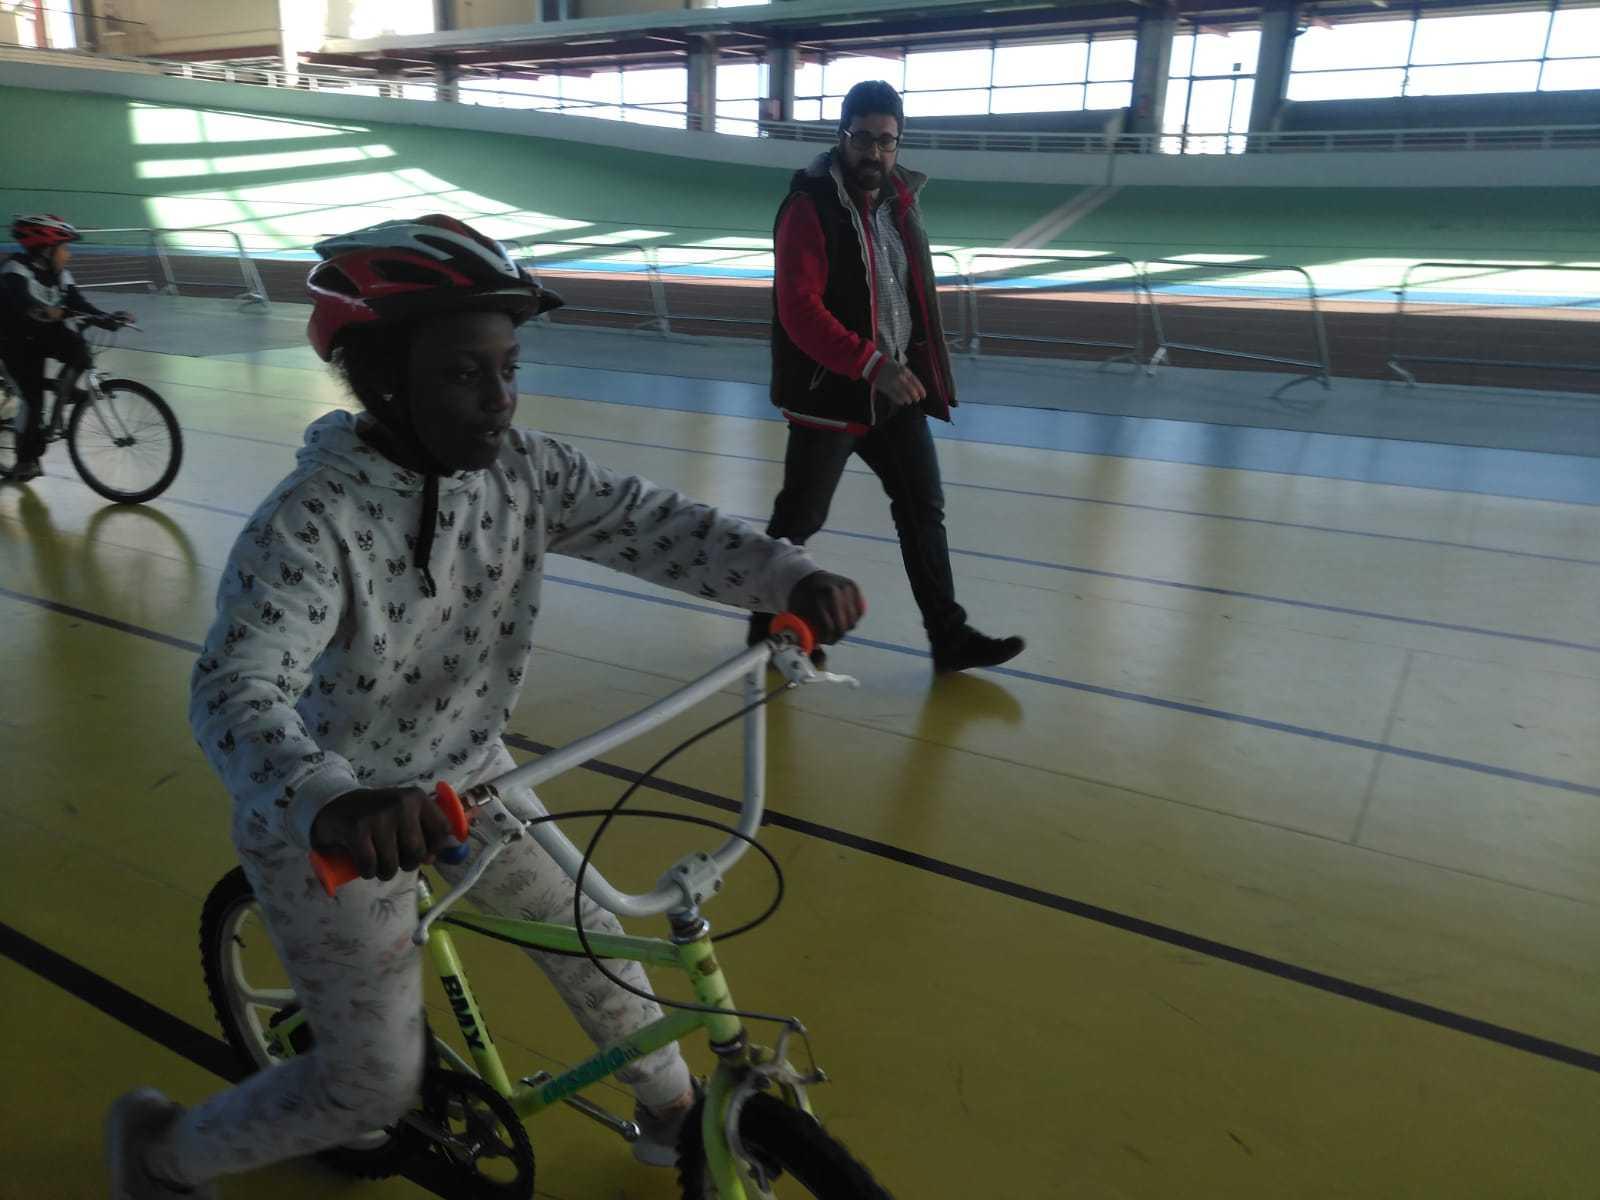 Practicando deportes olímpicos 6